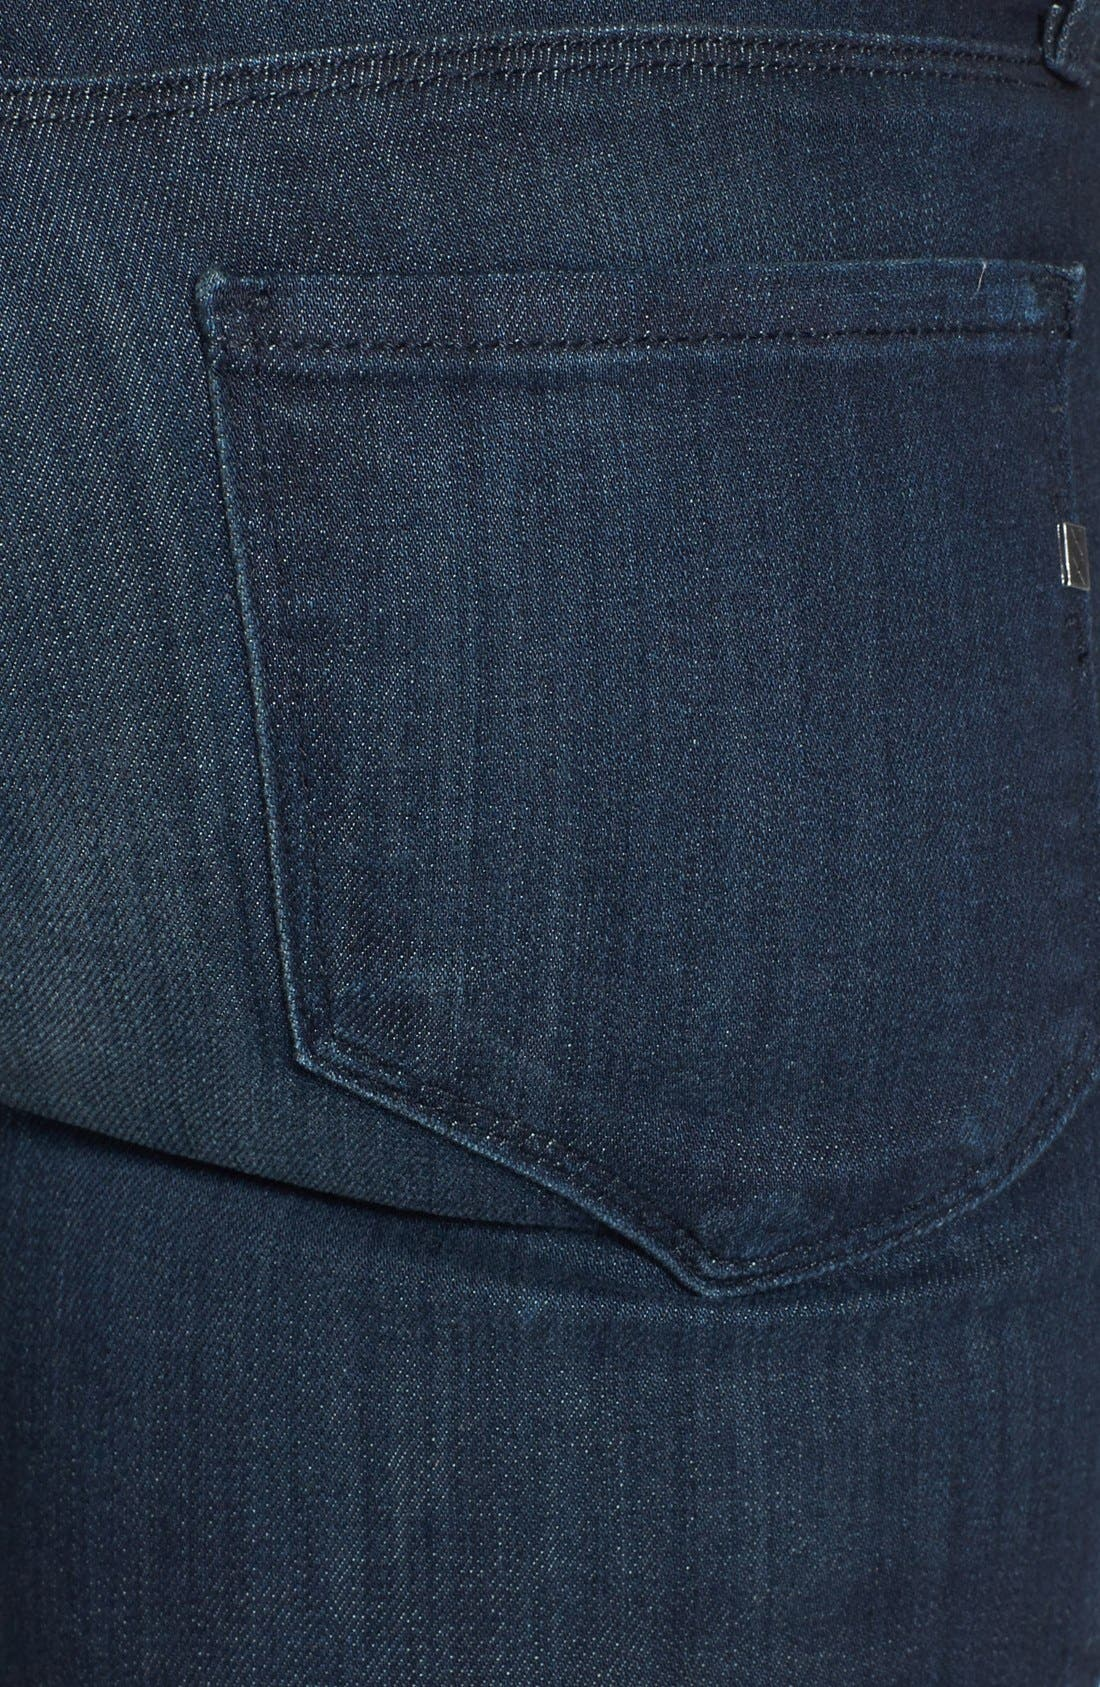 Alternate Image 3  - Genetic 'Semira' Seamed Cigarette Skinny Jeans (Impulse)